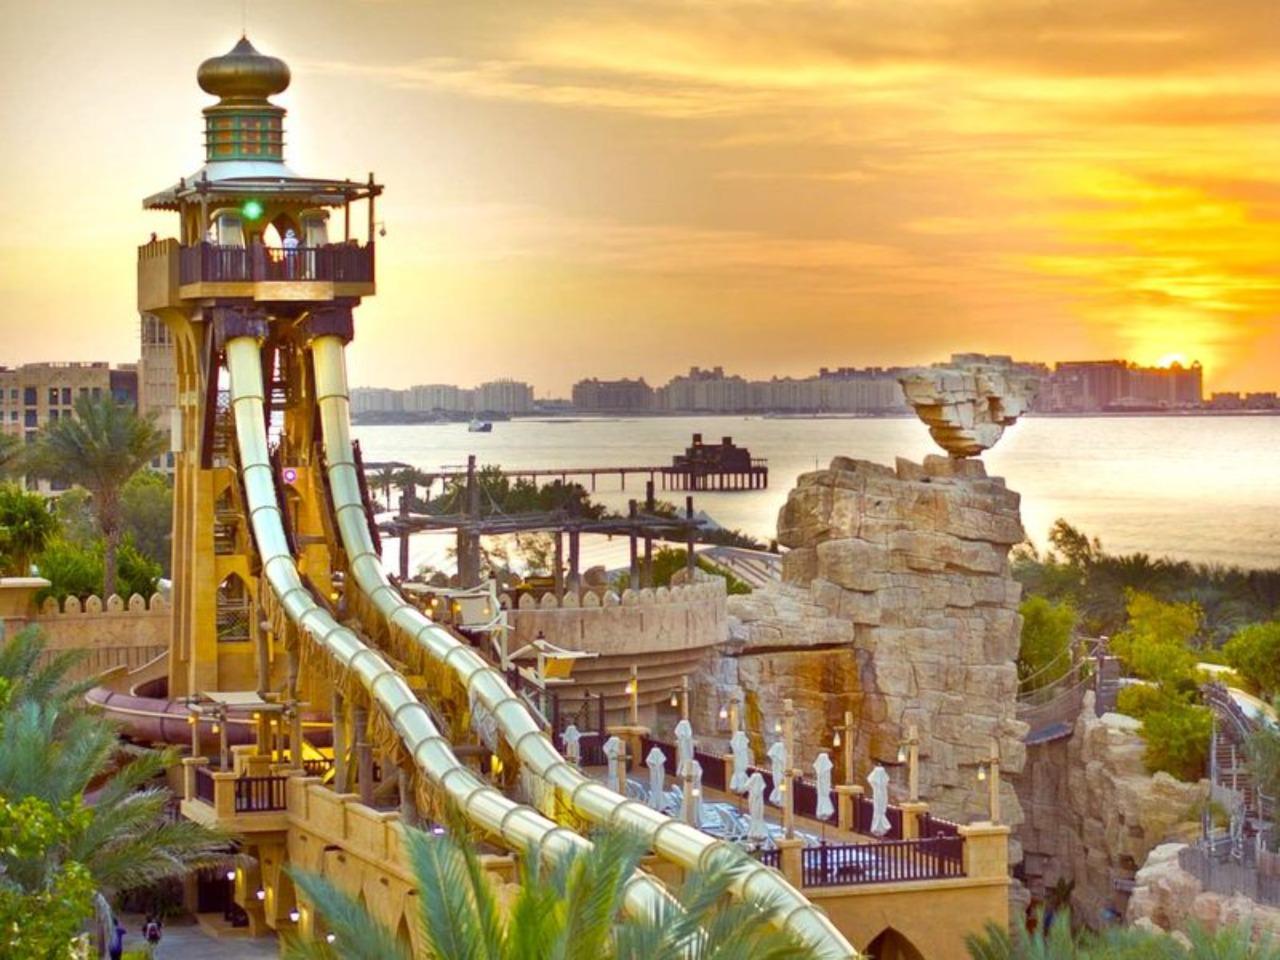 Аквапарк Wild Wadi - индивидуальная экскурсия в Дубае от опытного гида